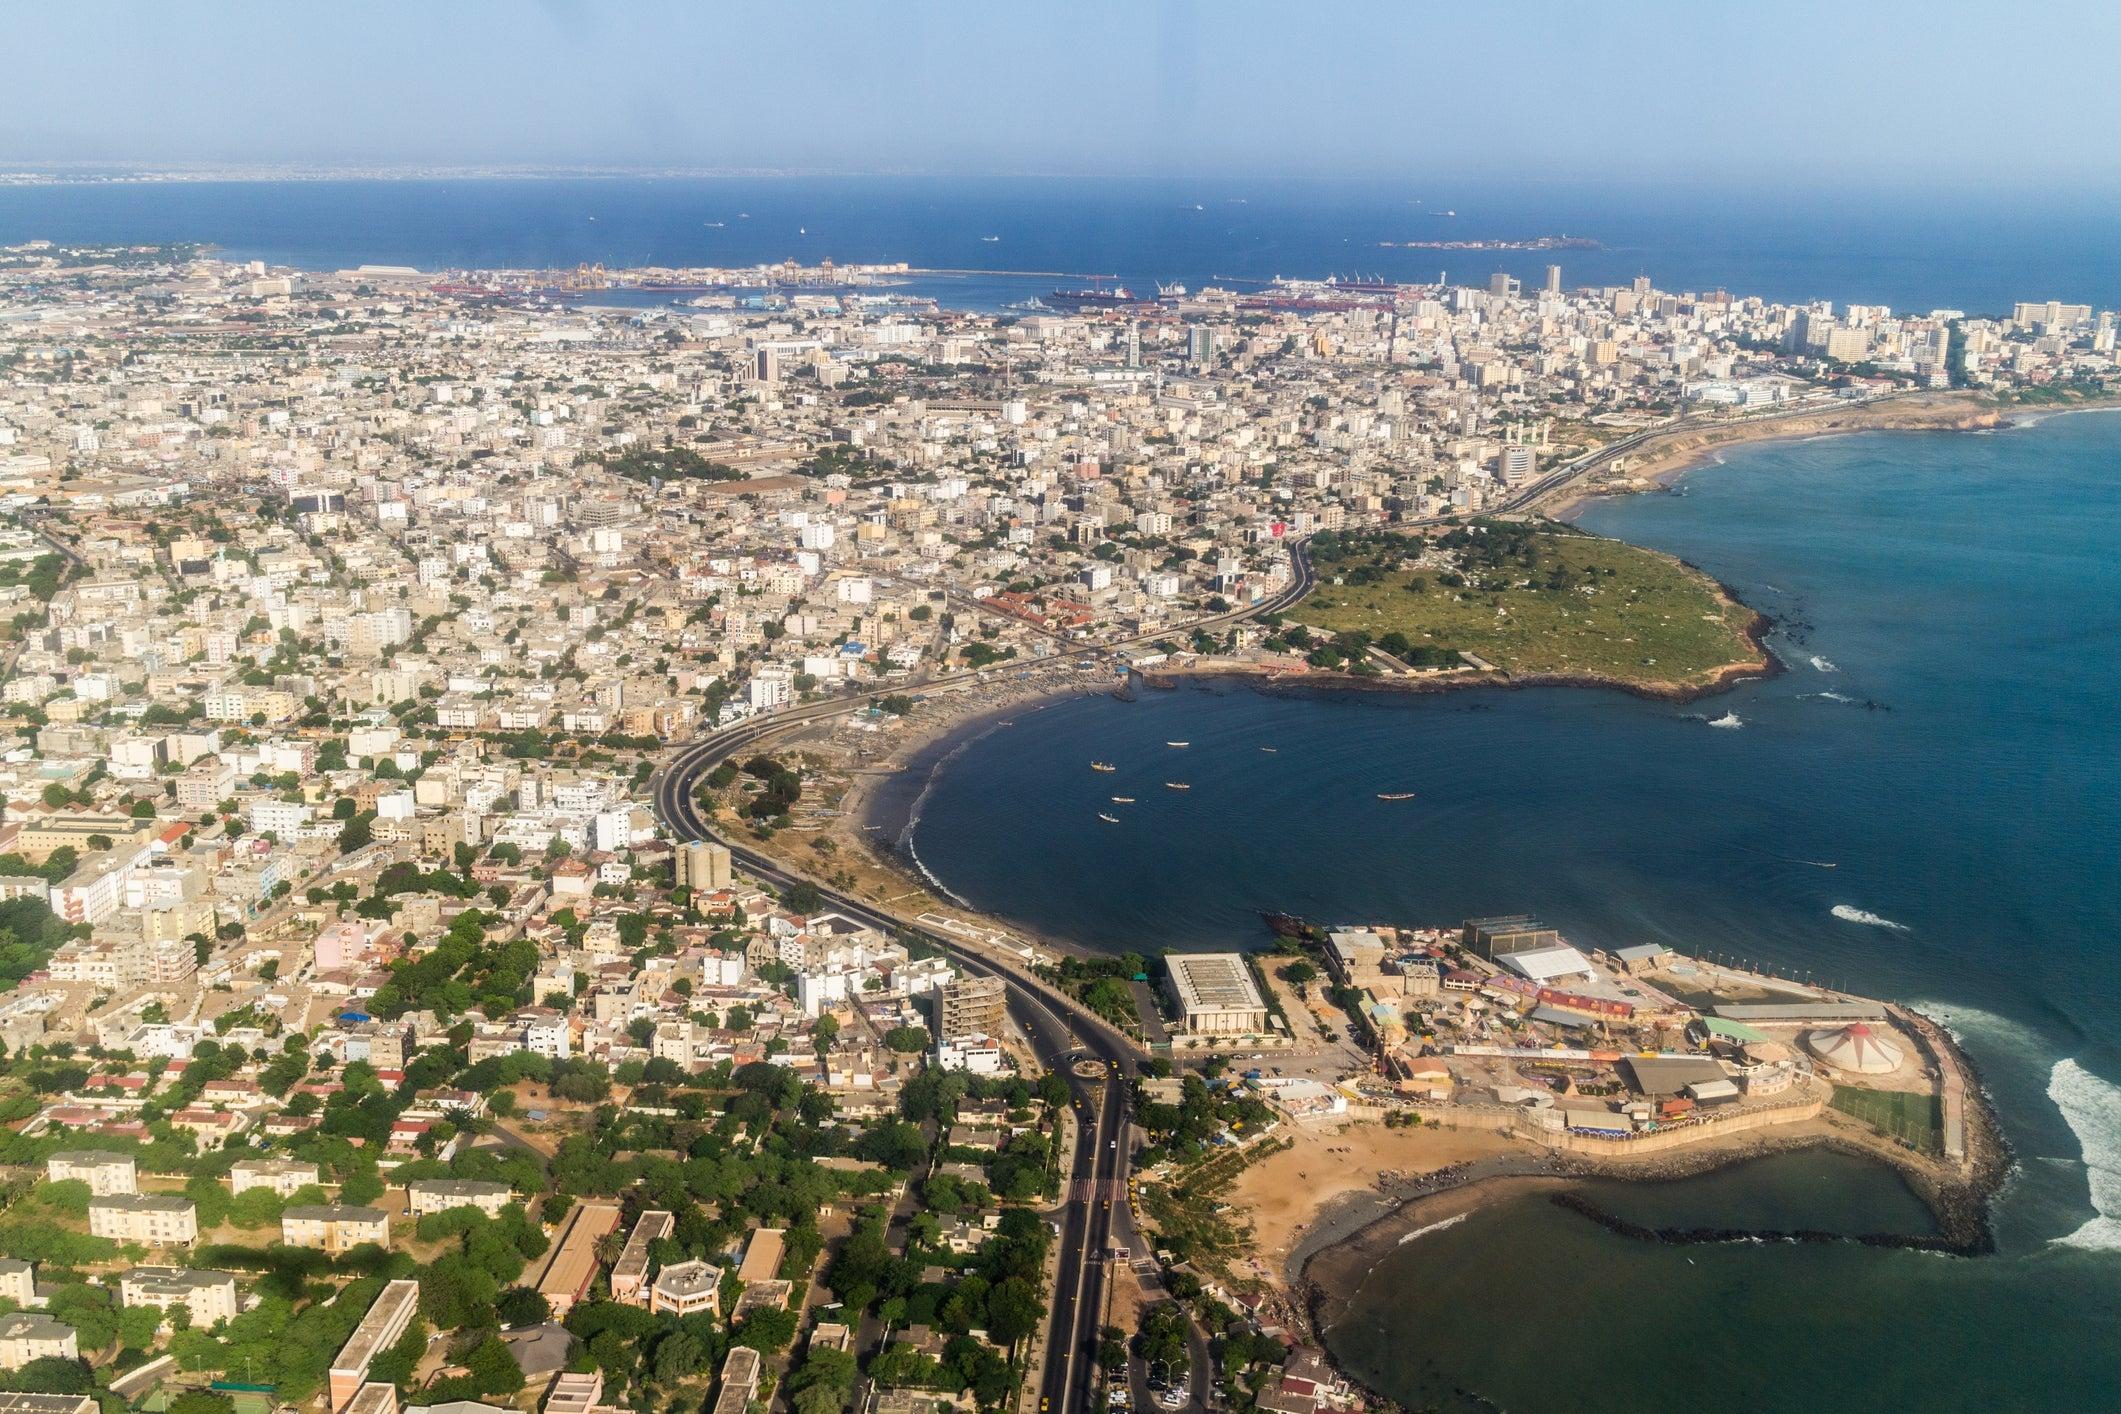 Dakar, Senegal: An oasis of freedom in a region of unrest